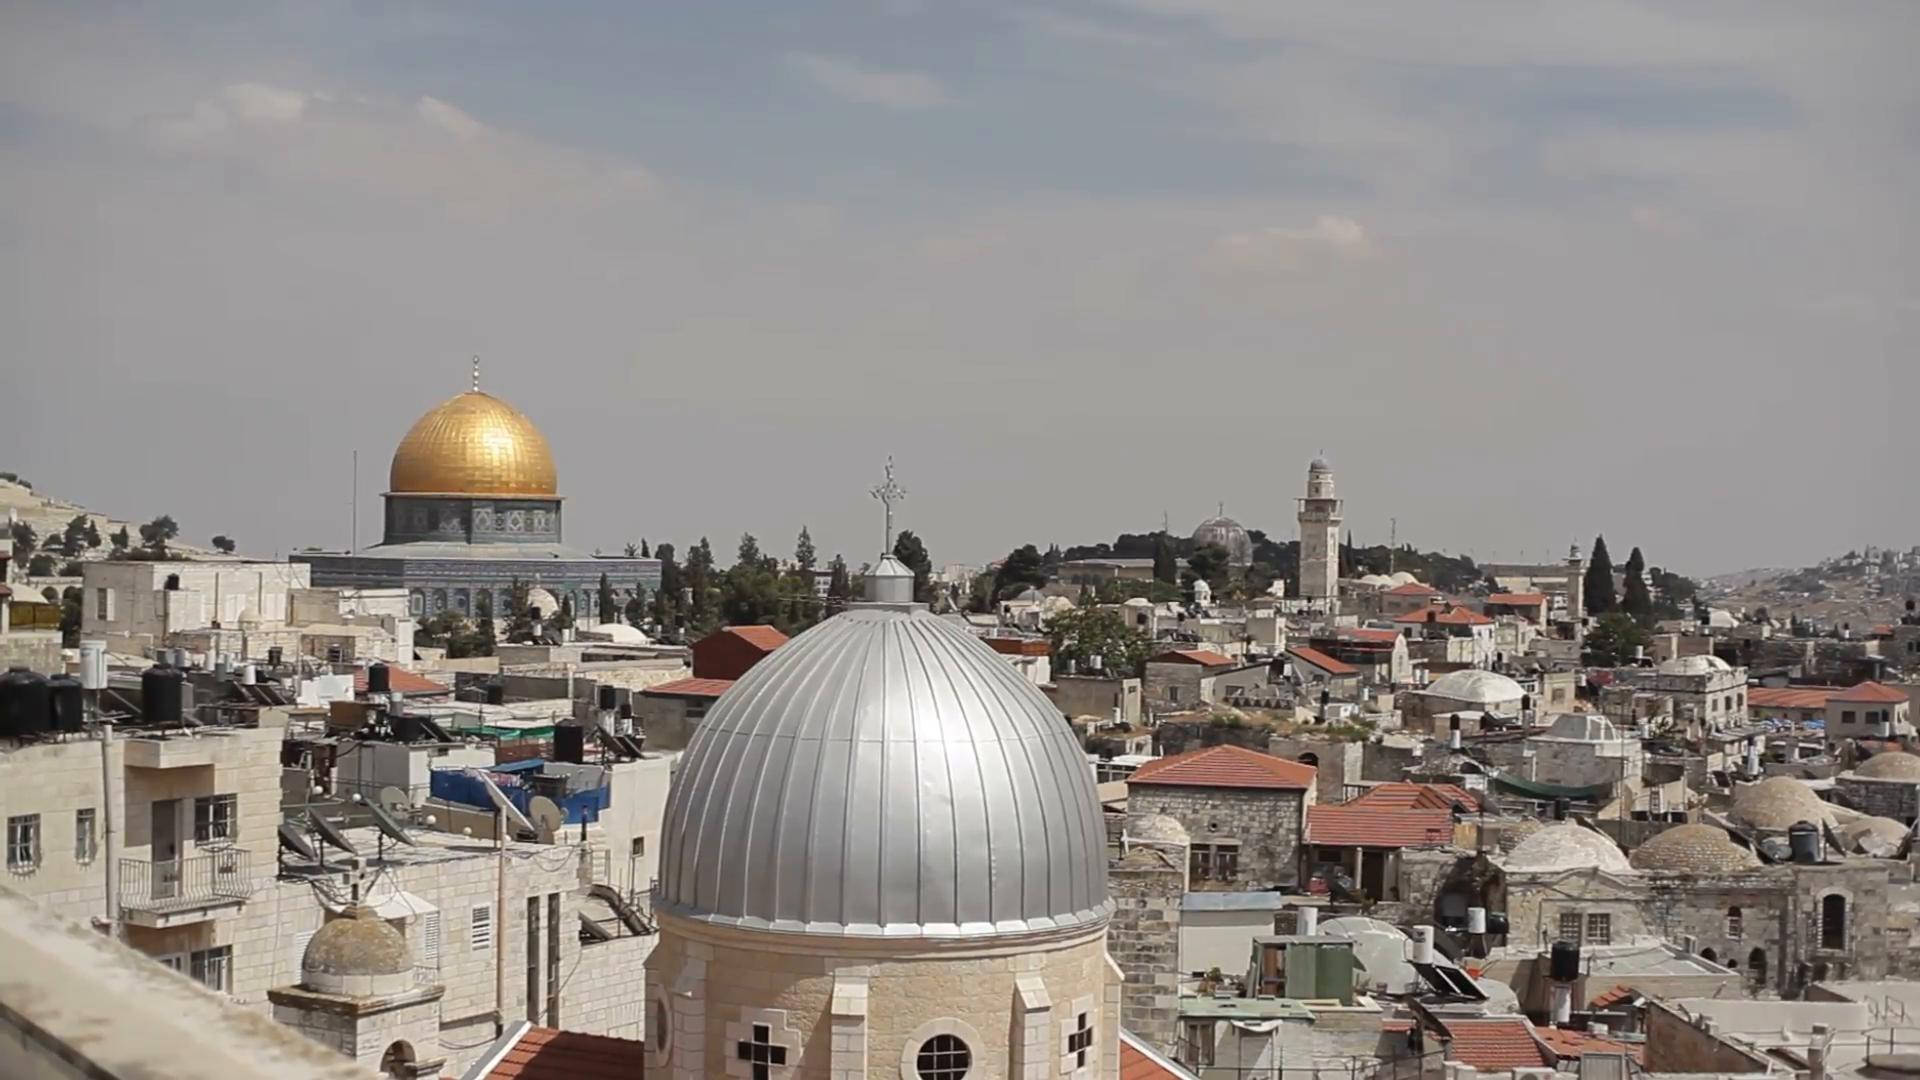 जेरूसलम : दो बार नष्ट हुआ, 23 बार घेरा गया, 52 बार हमला किया गया और 44 बार कब्जा किया गया 1